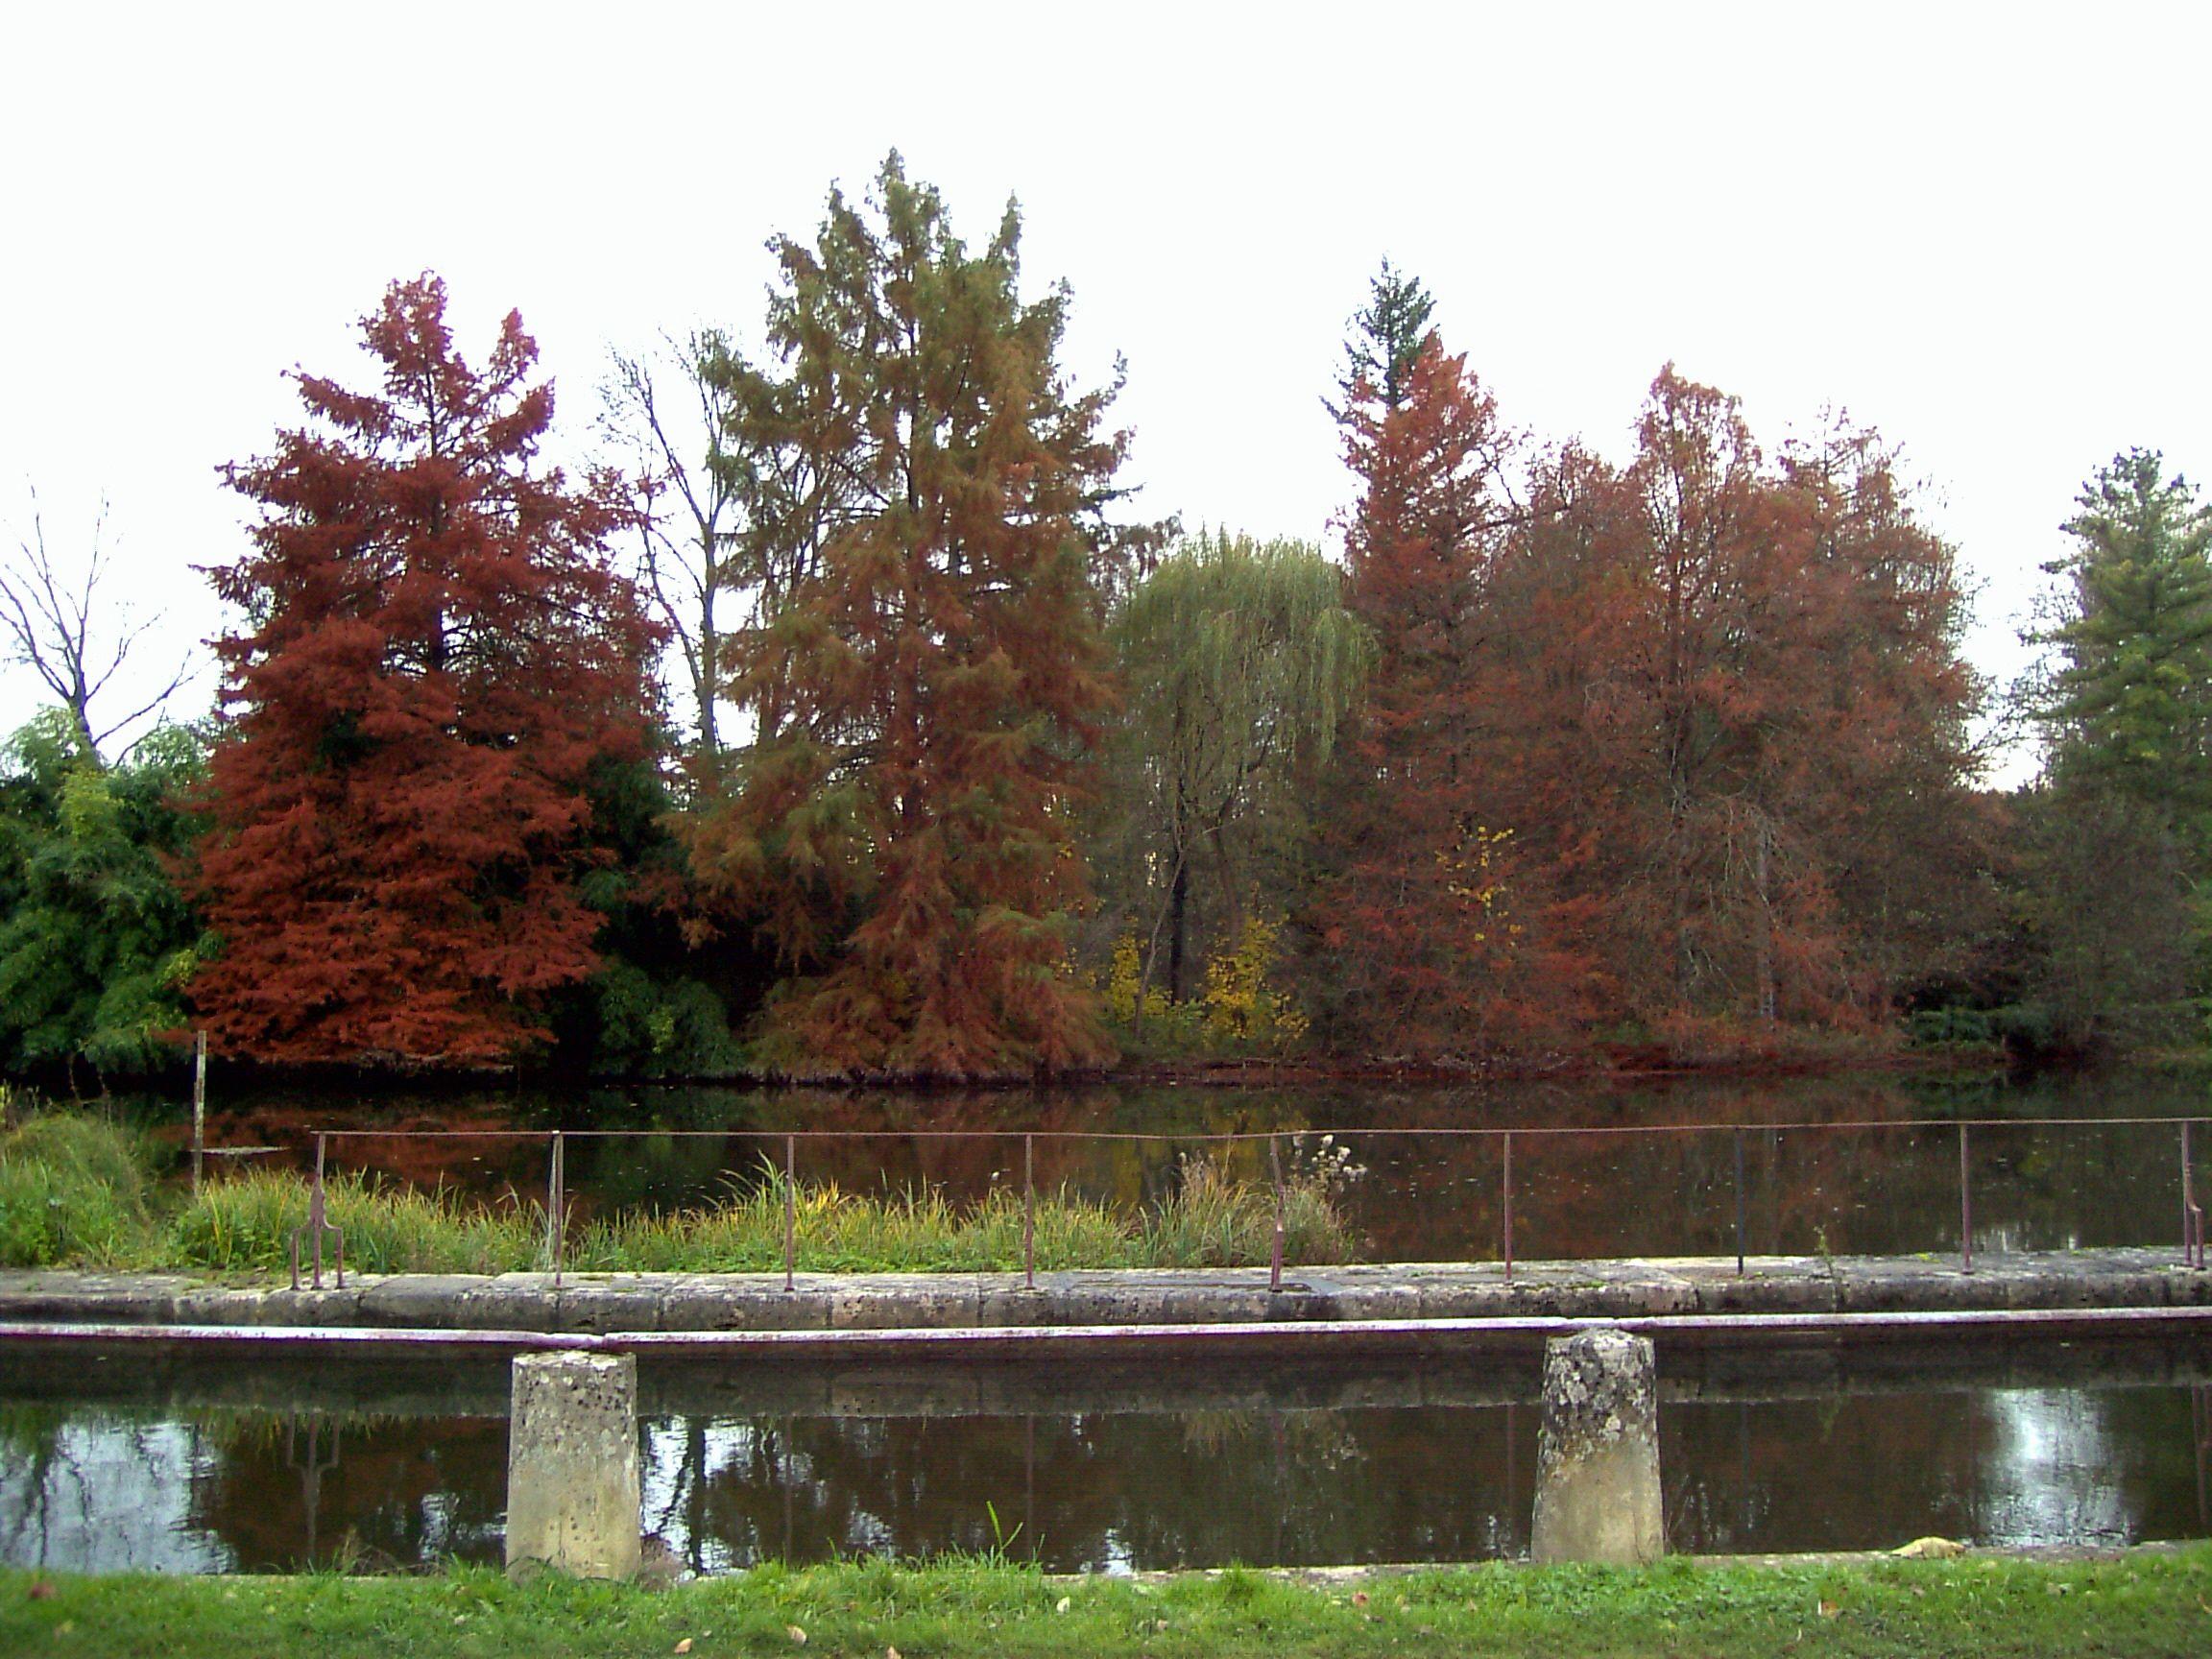 Le canal à l'automne près des Rochers du Saussois #rochers saussois